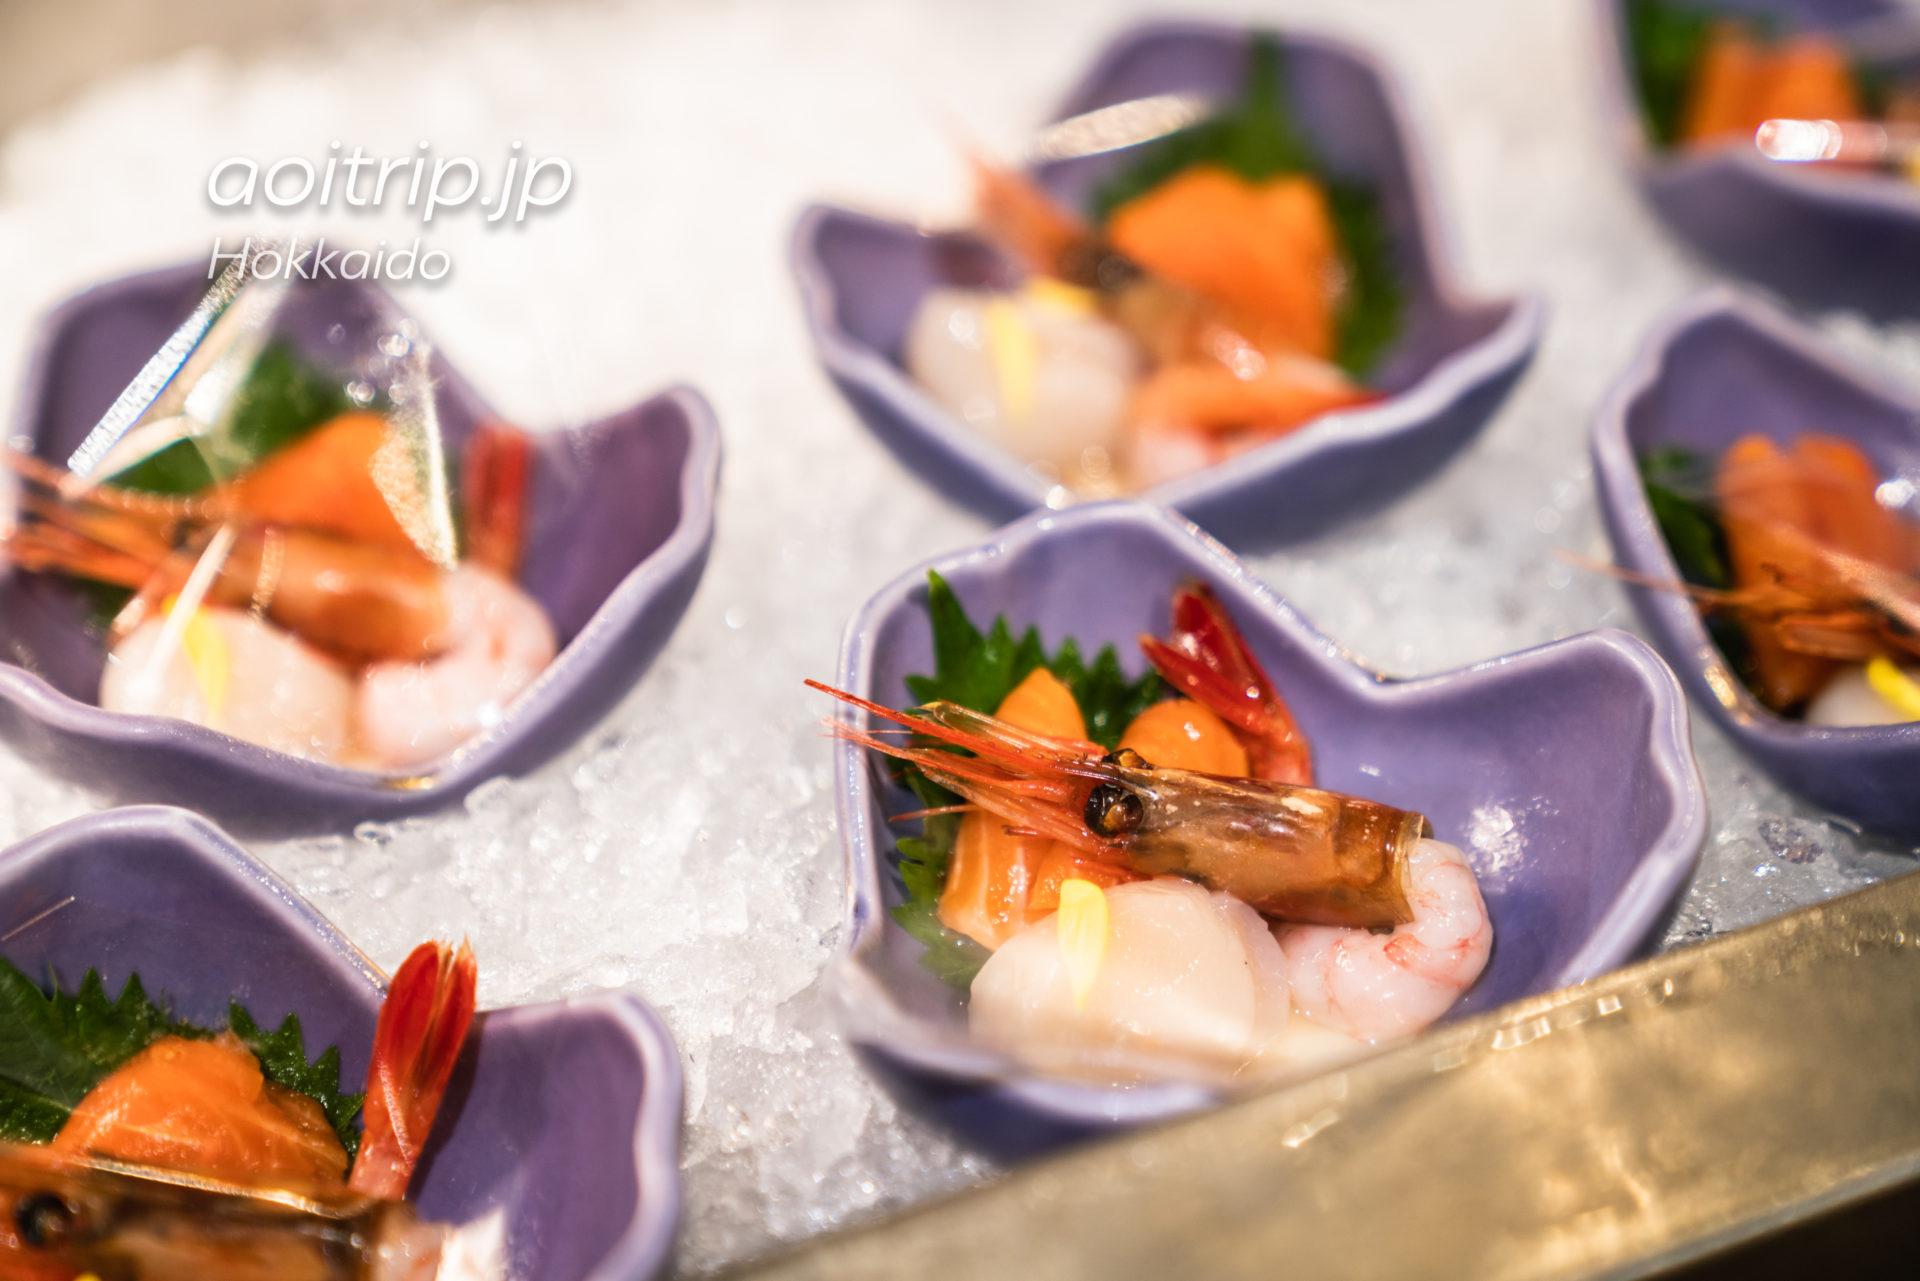 サロマ湖 鶴雅リゾートの夕食ビュッフェ